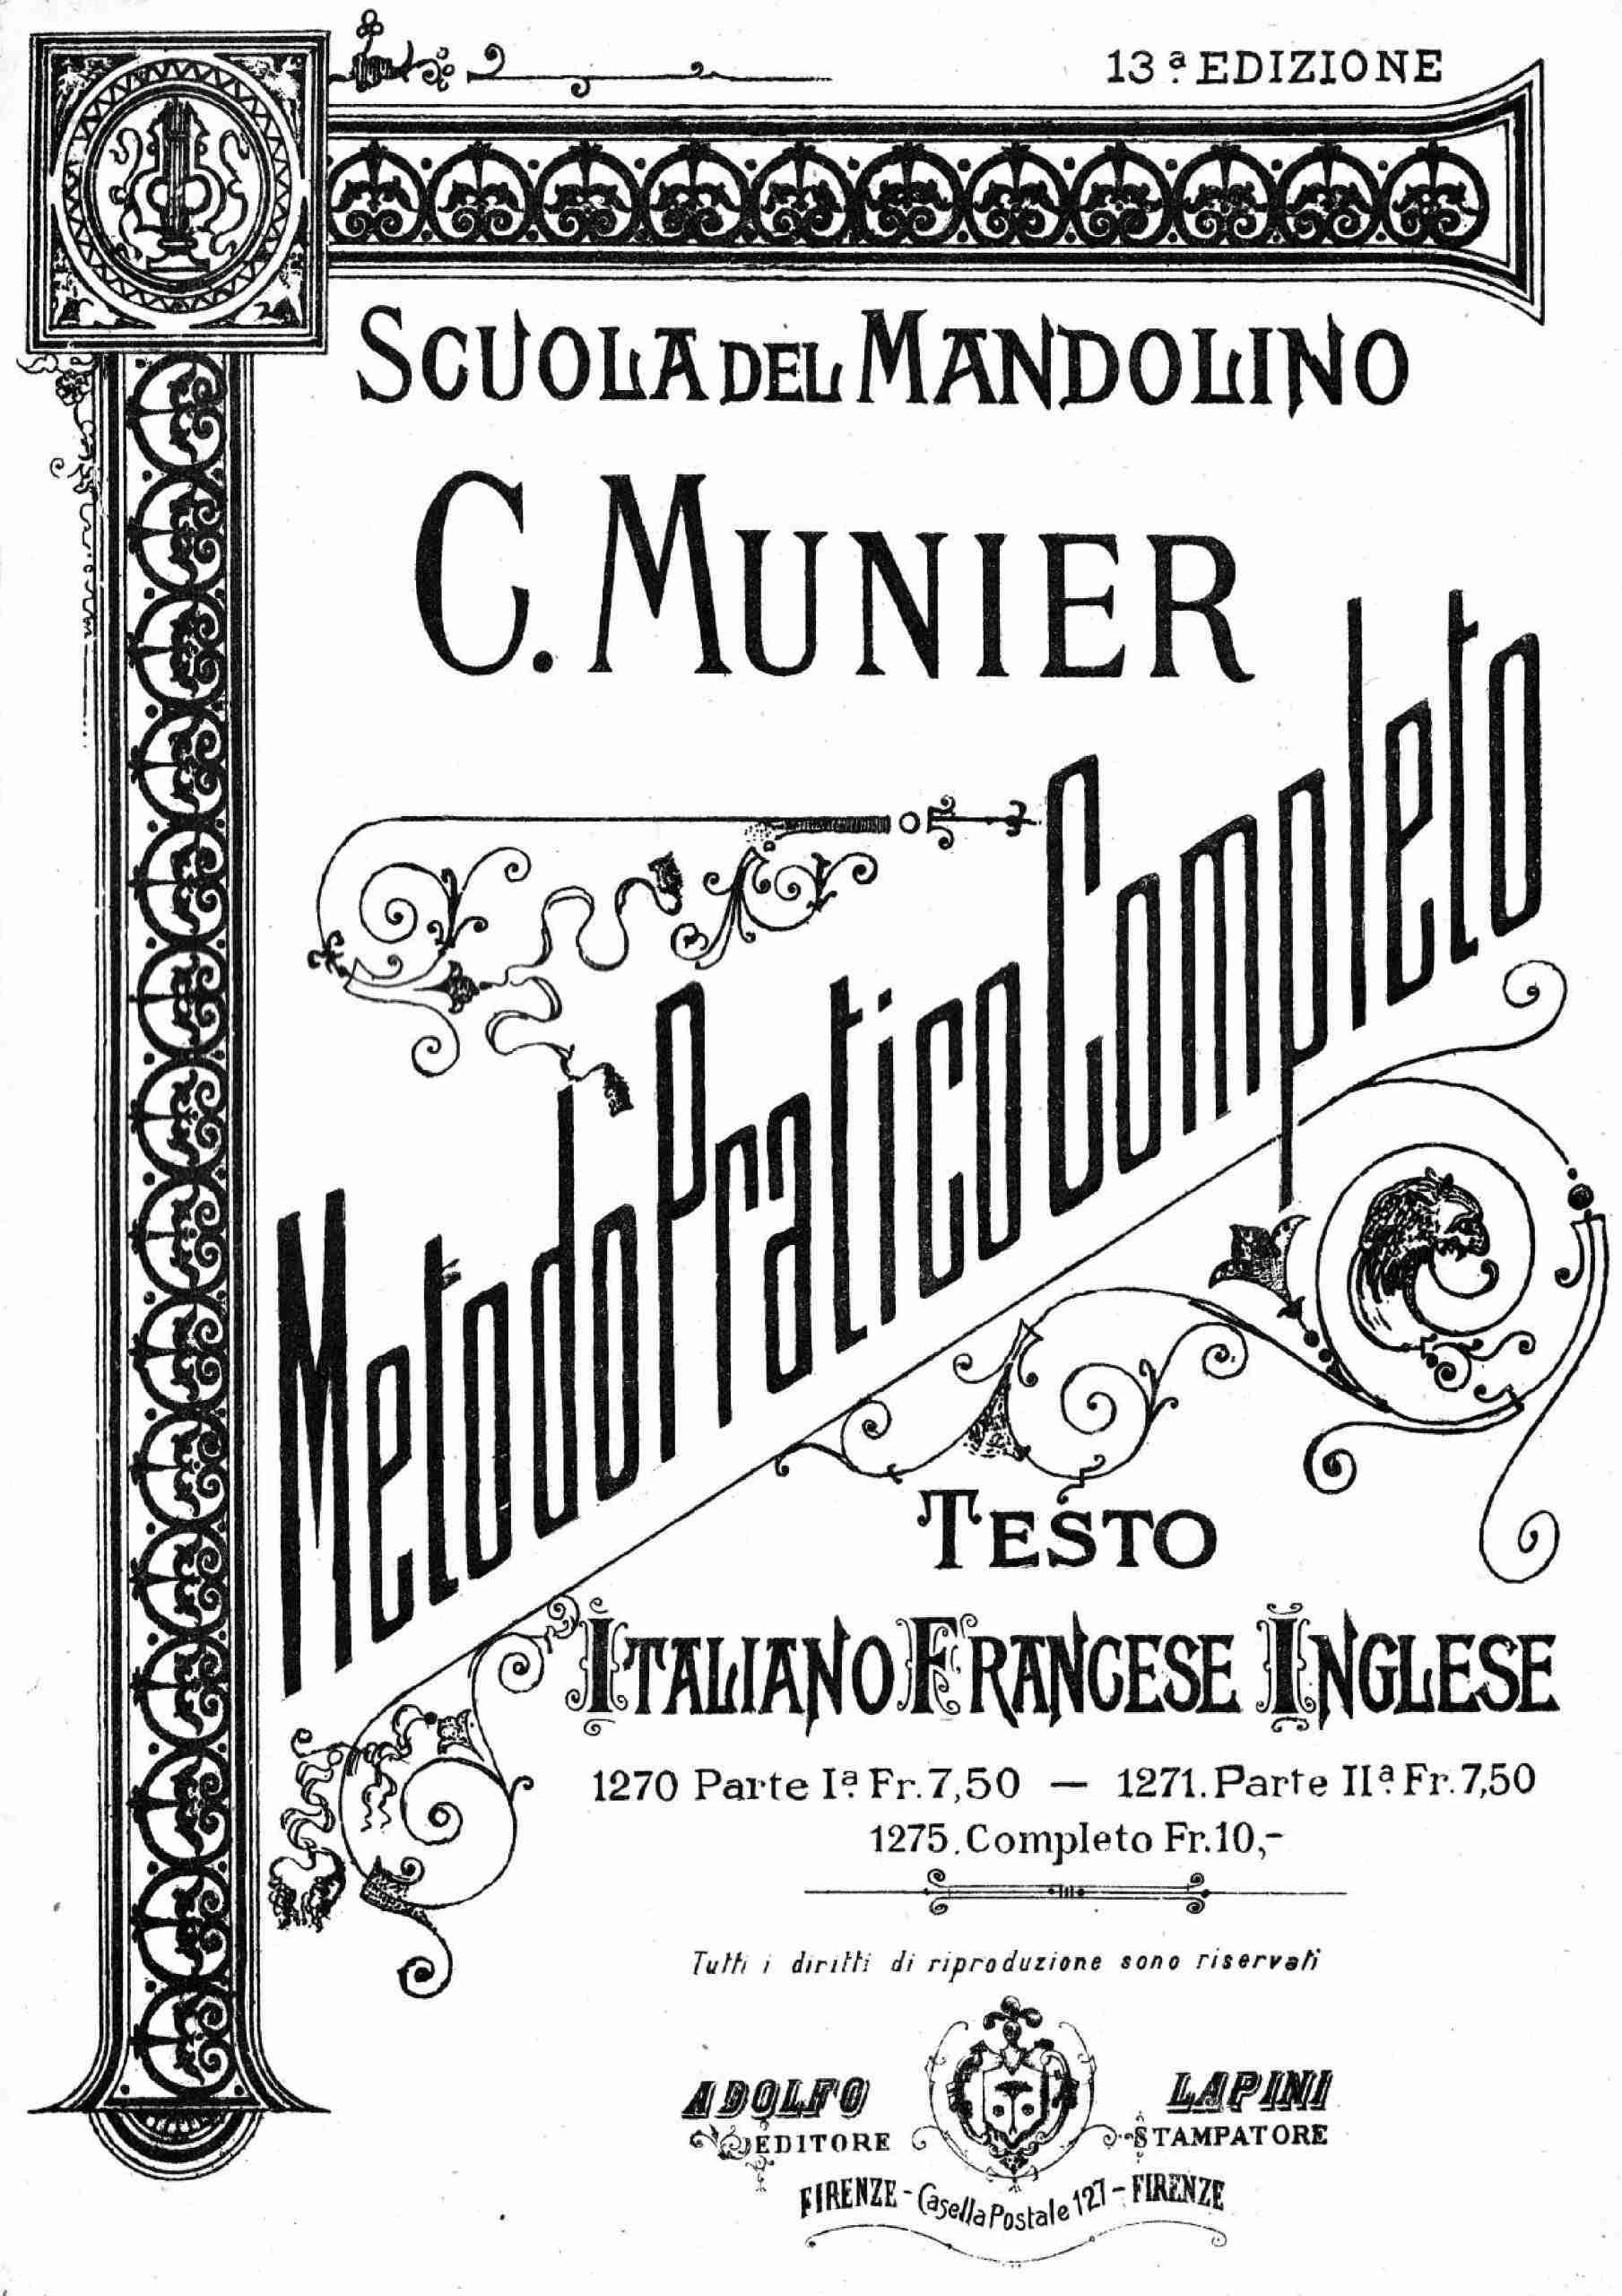 Munier, Carlo - Scuola del Mandolino (Part 2)